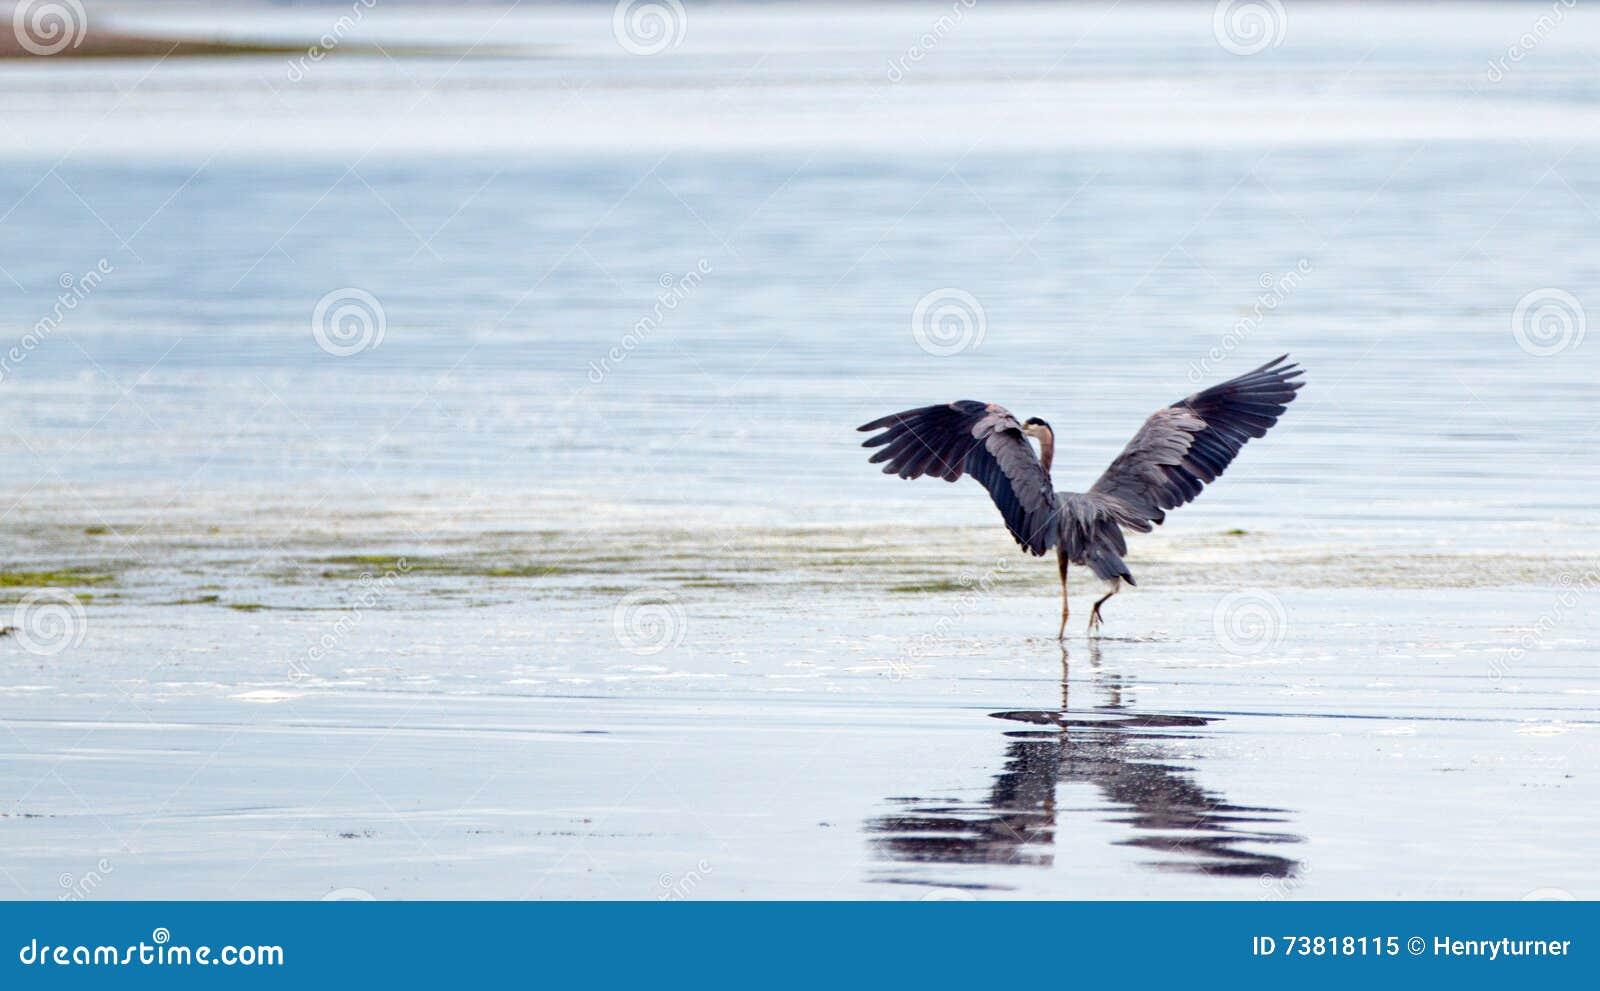 Czapla rozciąga jego skrzydła przy Joemma plażą na Kluczowym półwysepie Puget Sound blisko Tacoma Waszyngton